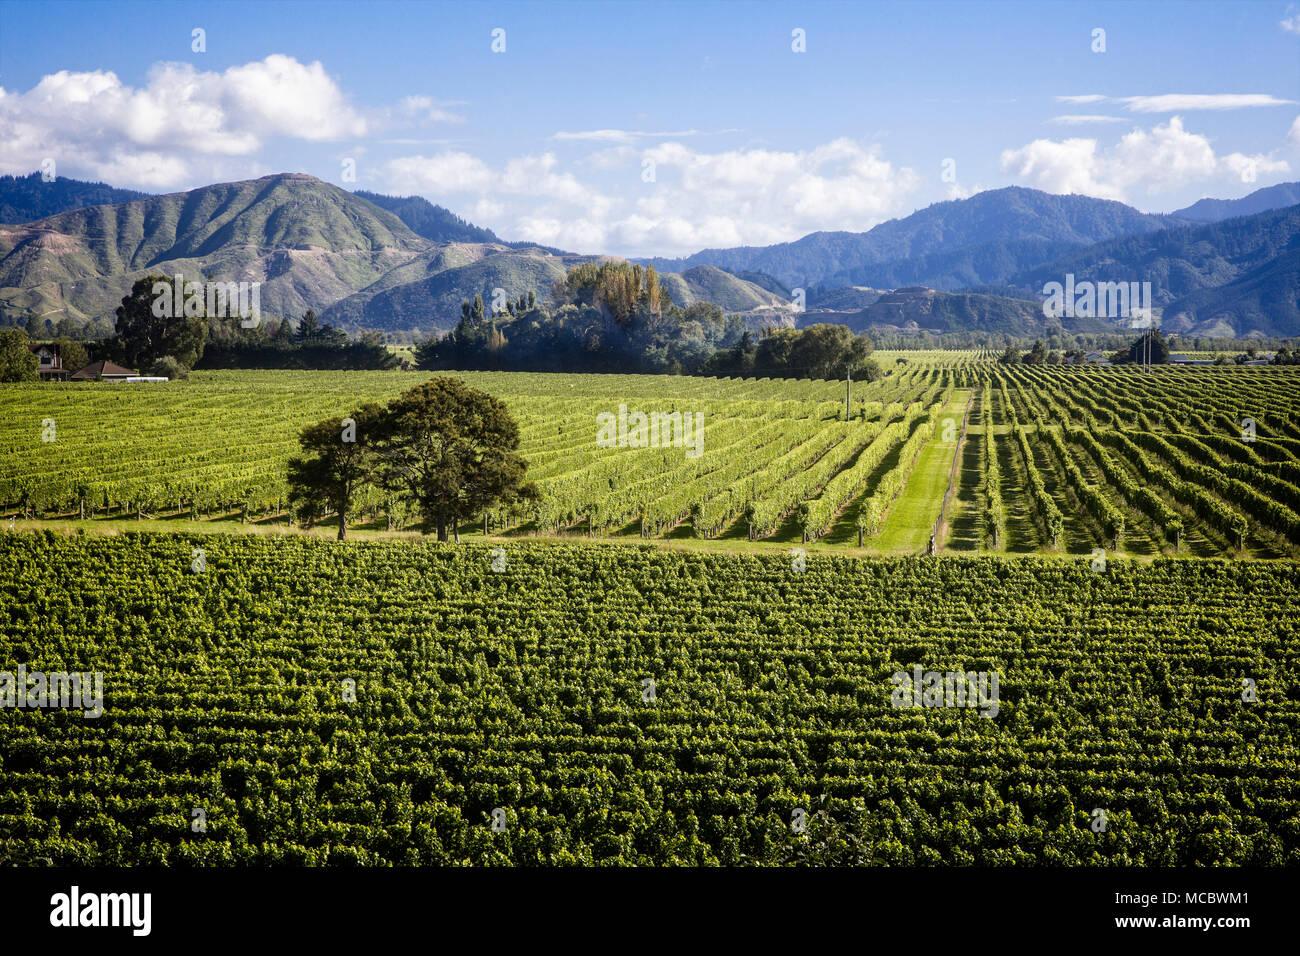 Die Weinberge der Region Marlborough, Südinsel, Neuseeland. Stockfoto